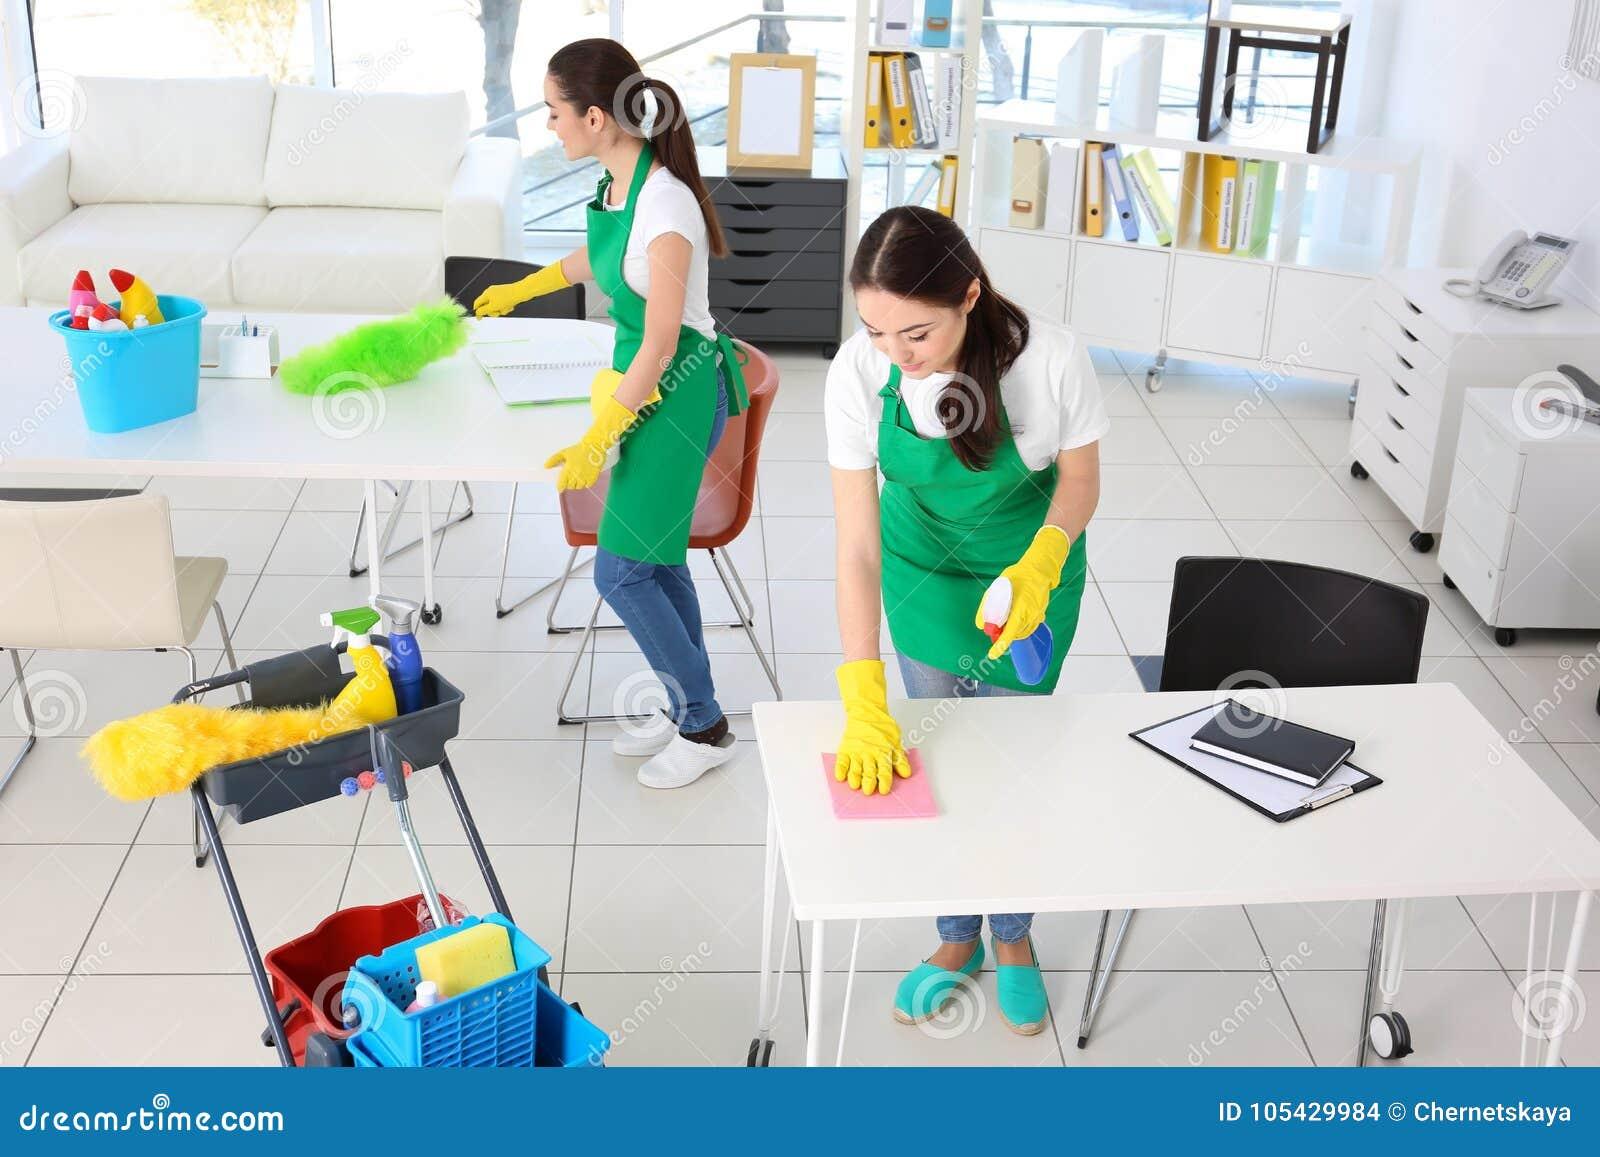 Équipe de service de nettoyage au travail